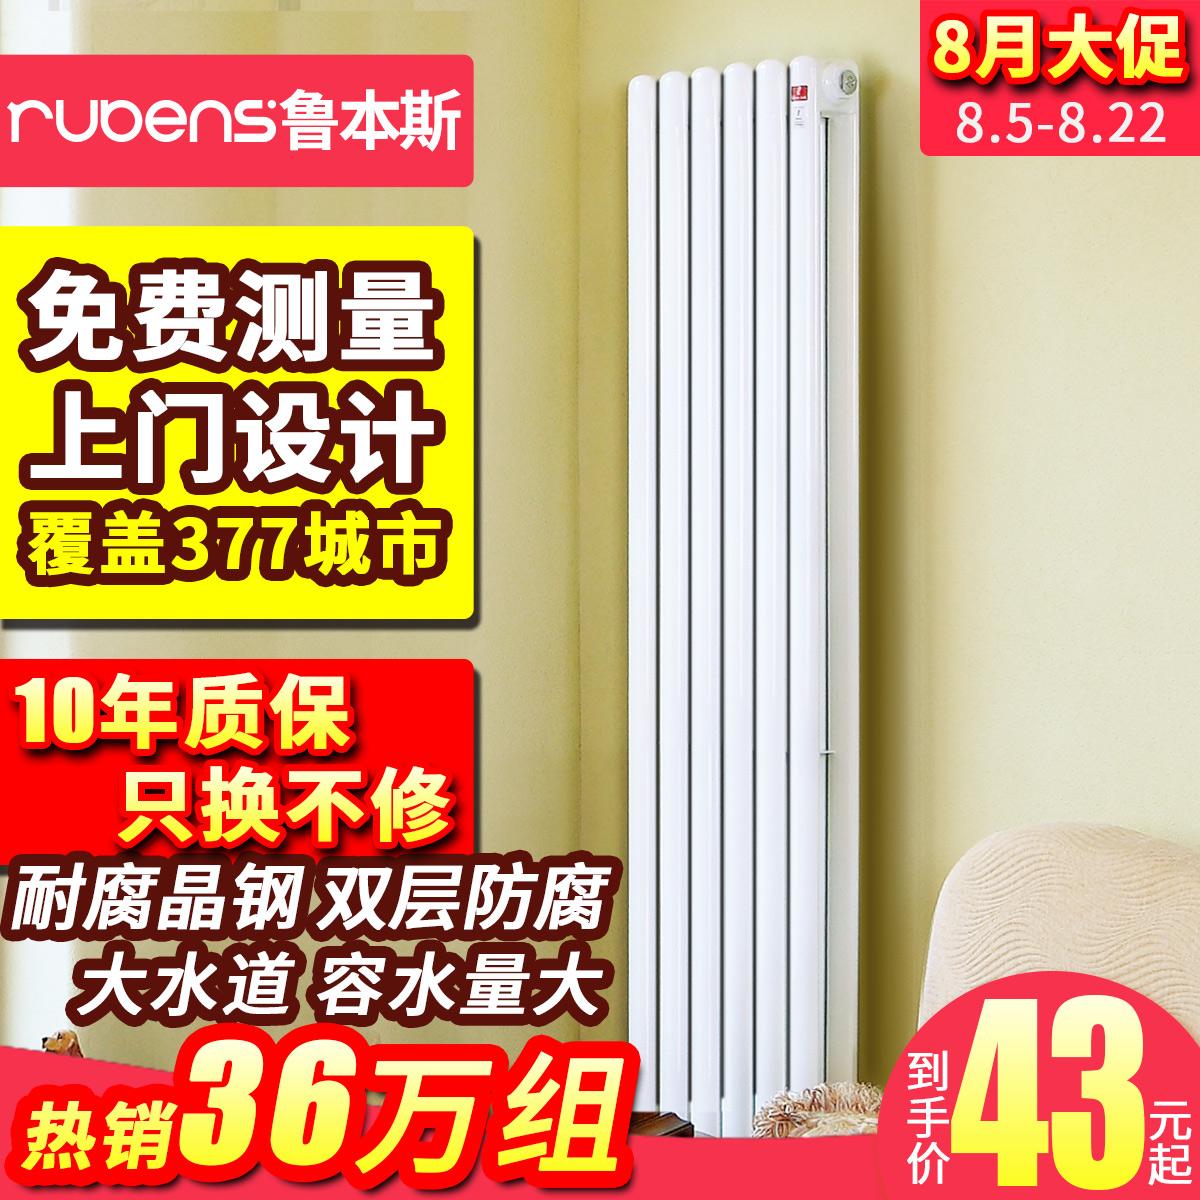 Провинция шаньдун это этот сталь нагреватель лист домой вода теплый настенный стиль декоративный изменение тепло живая вода горячей сделанный на заказ коллекция теплый